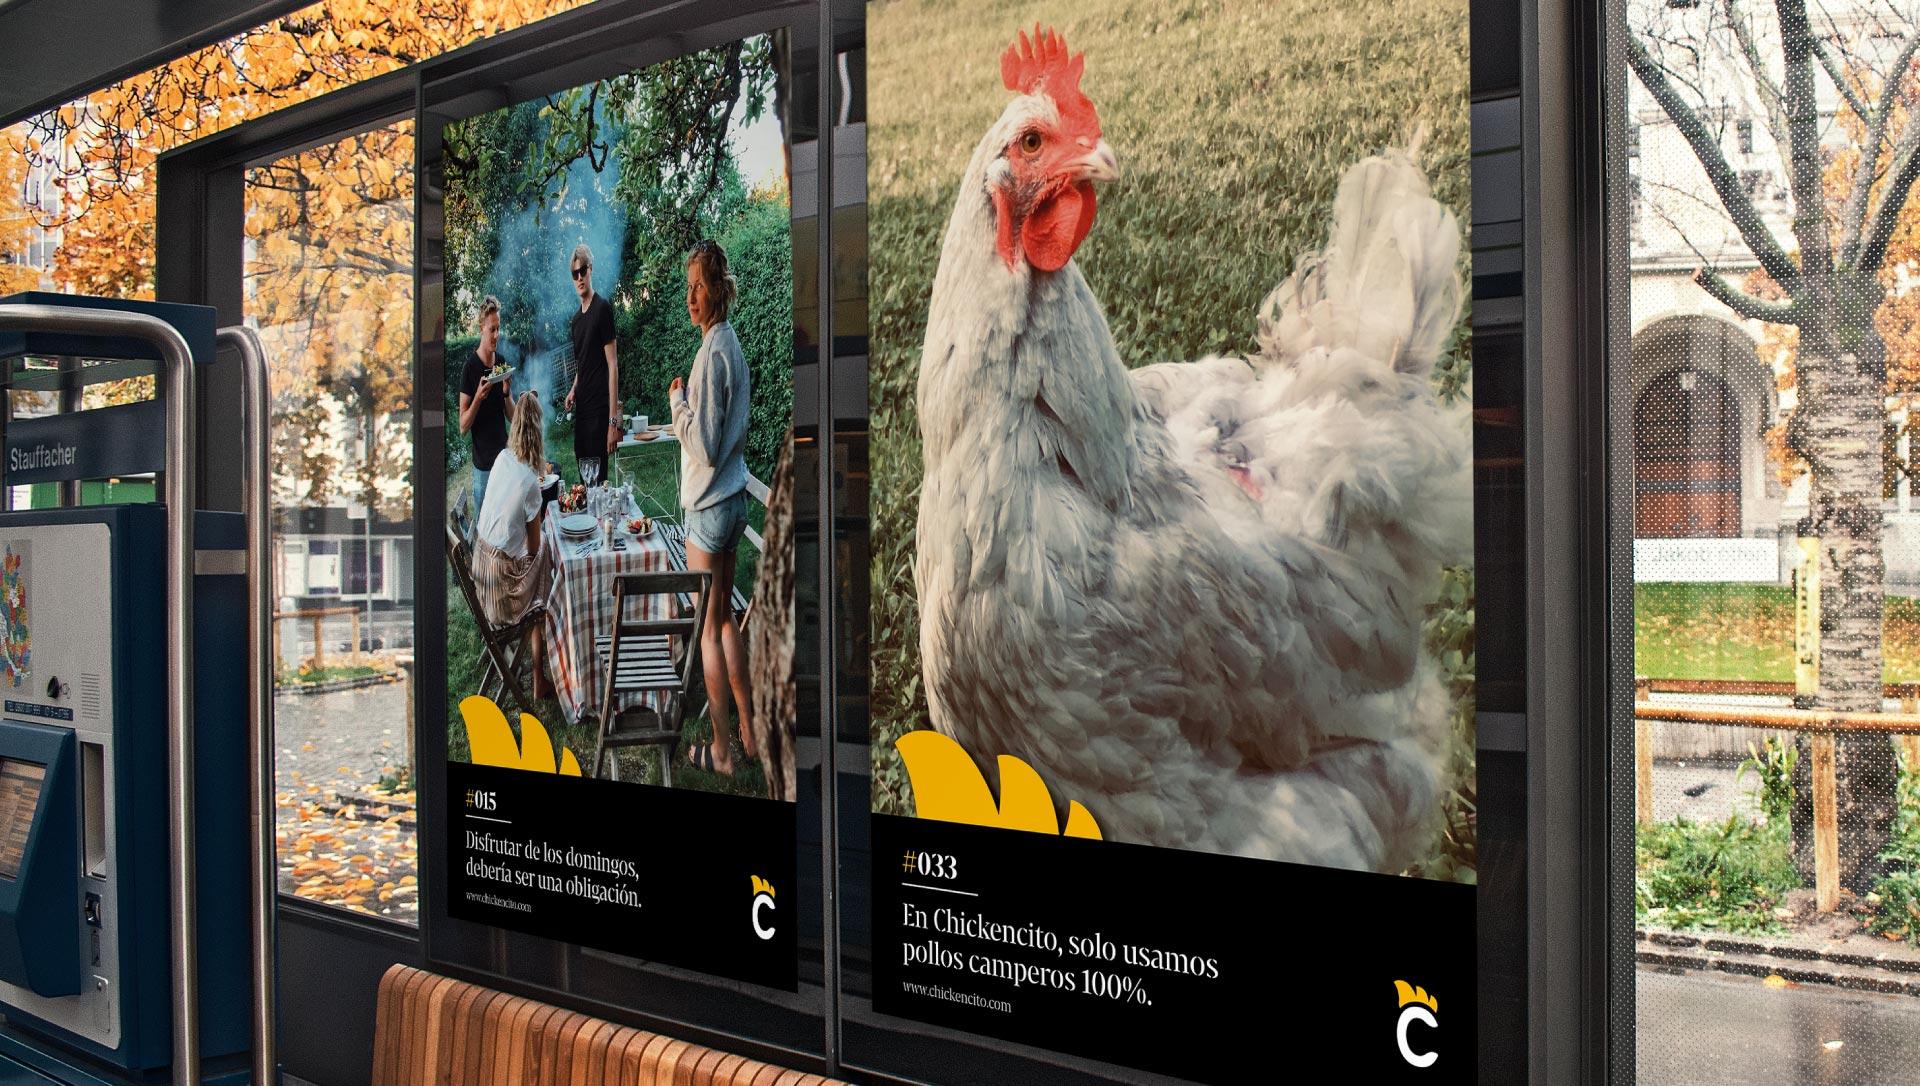 chickencito nueva web behind 2